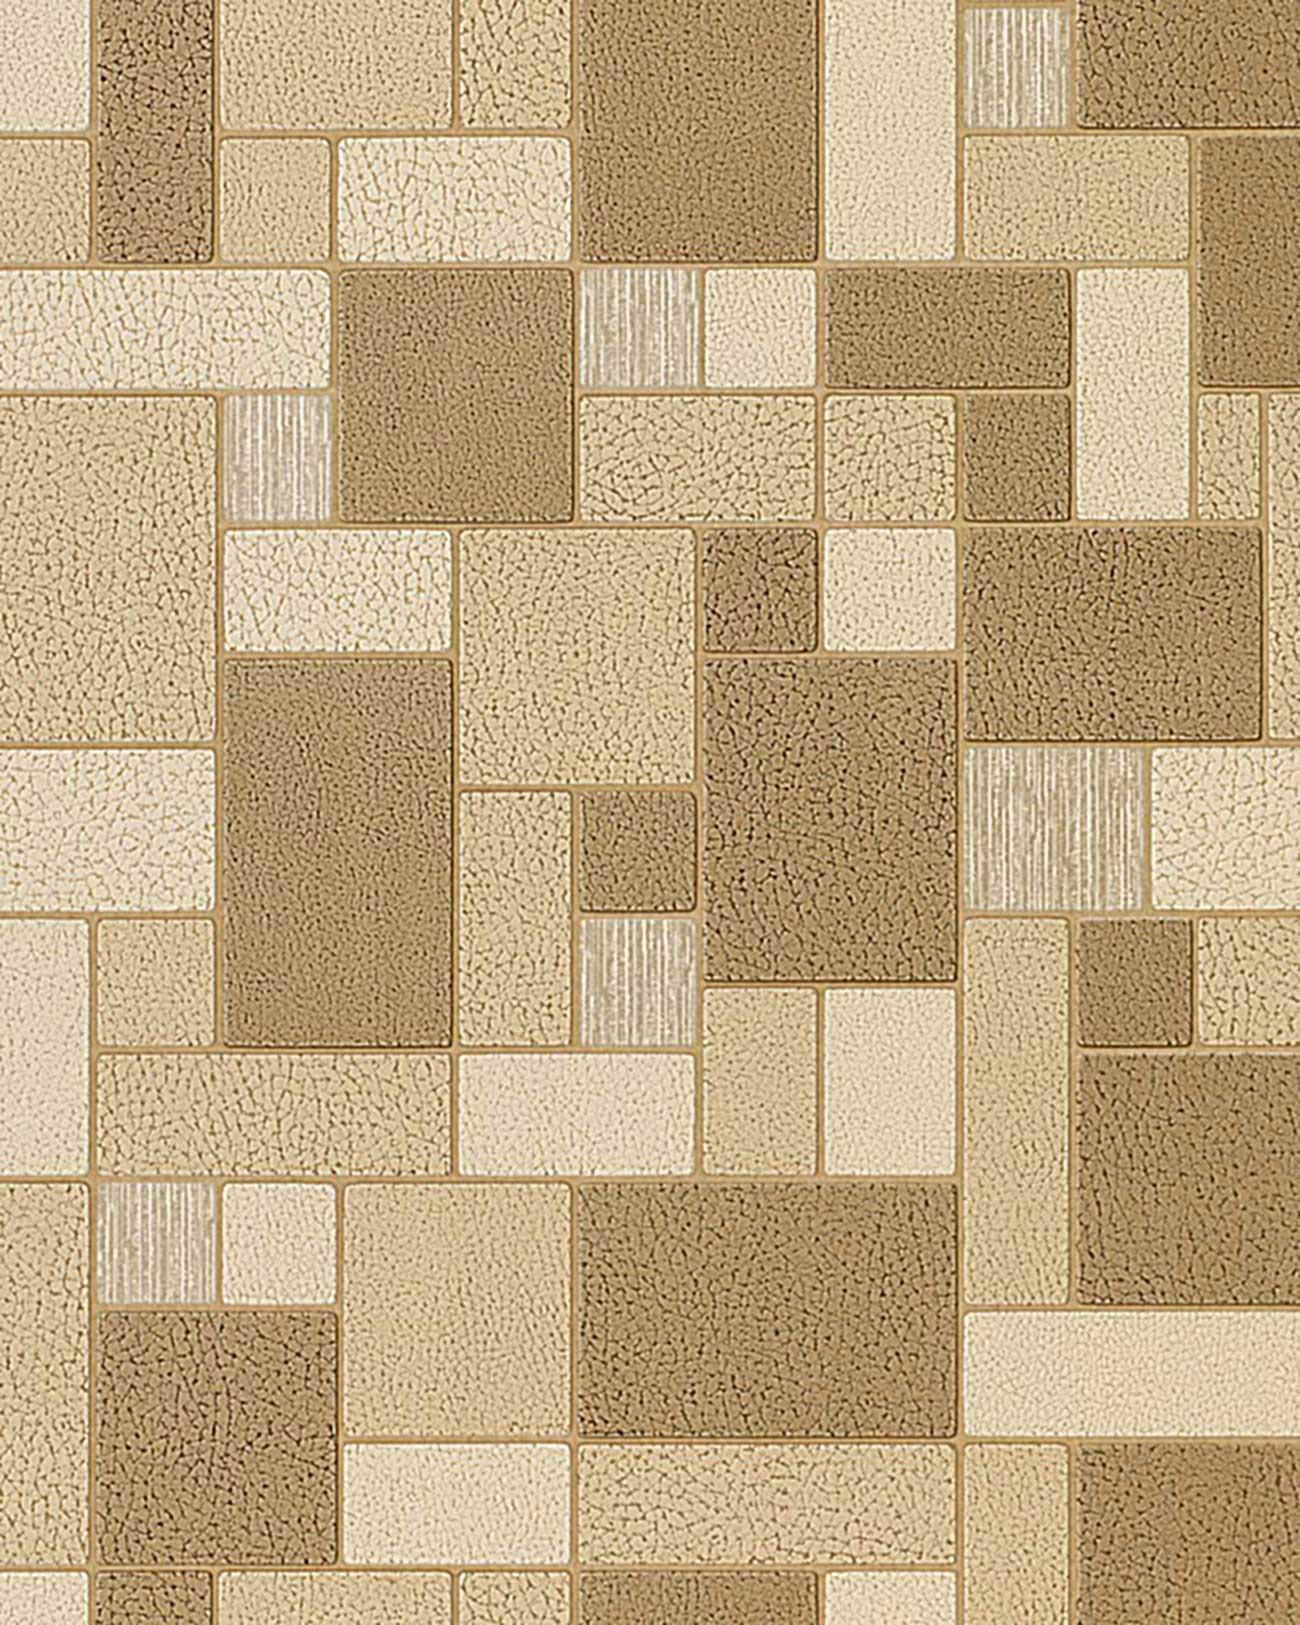 Mooiste Kleine Badkamers ~ Tegel behang voor keuken en badkamer EDEM 585 21 structuur vinylbehang